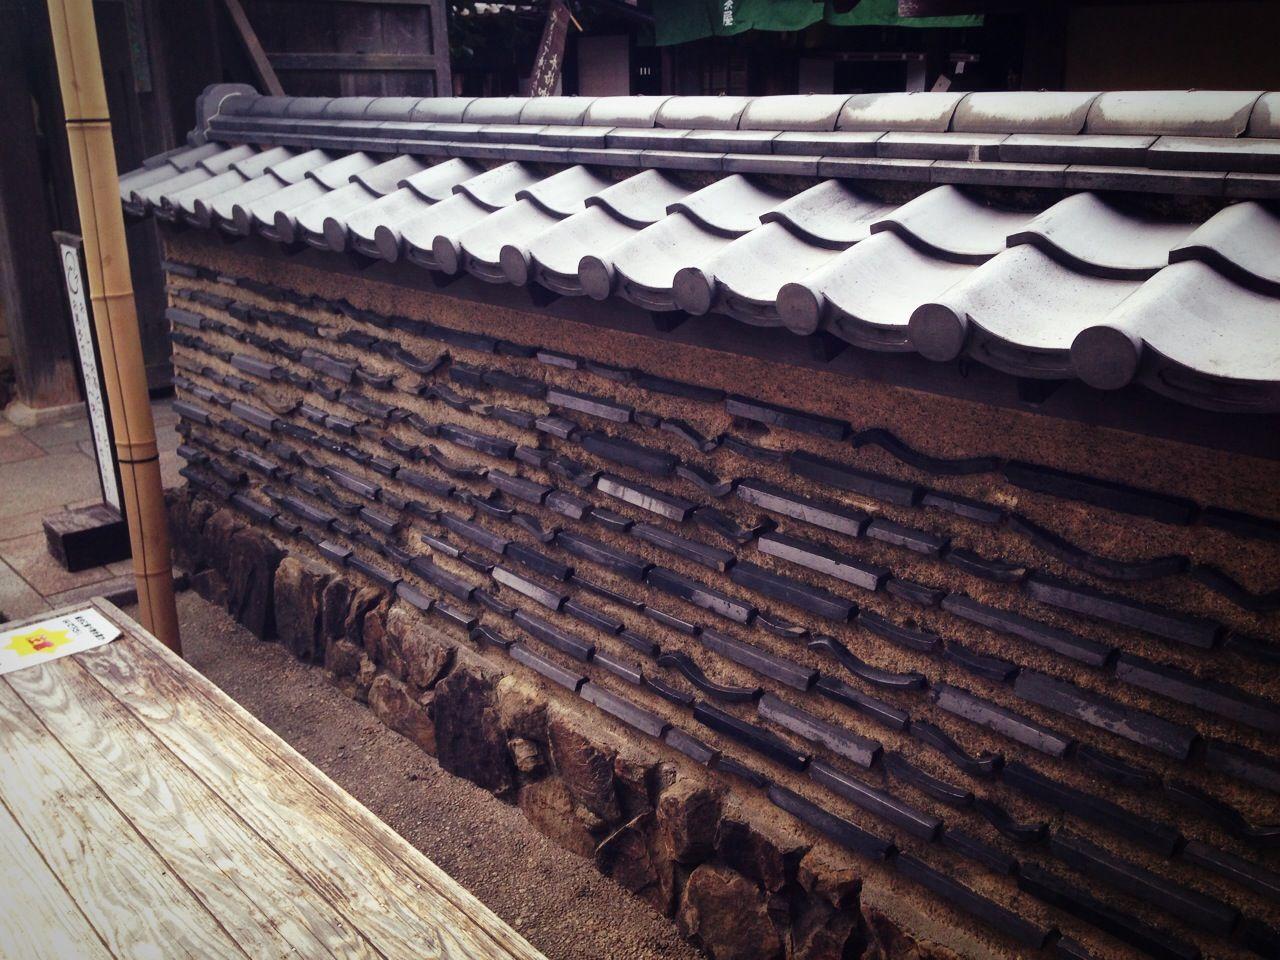 塀に瓦が埋め込まれた信長塀と呼ばれる塀の作り方です 軒先の瓦が